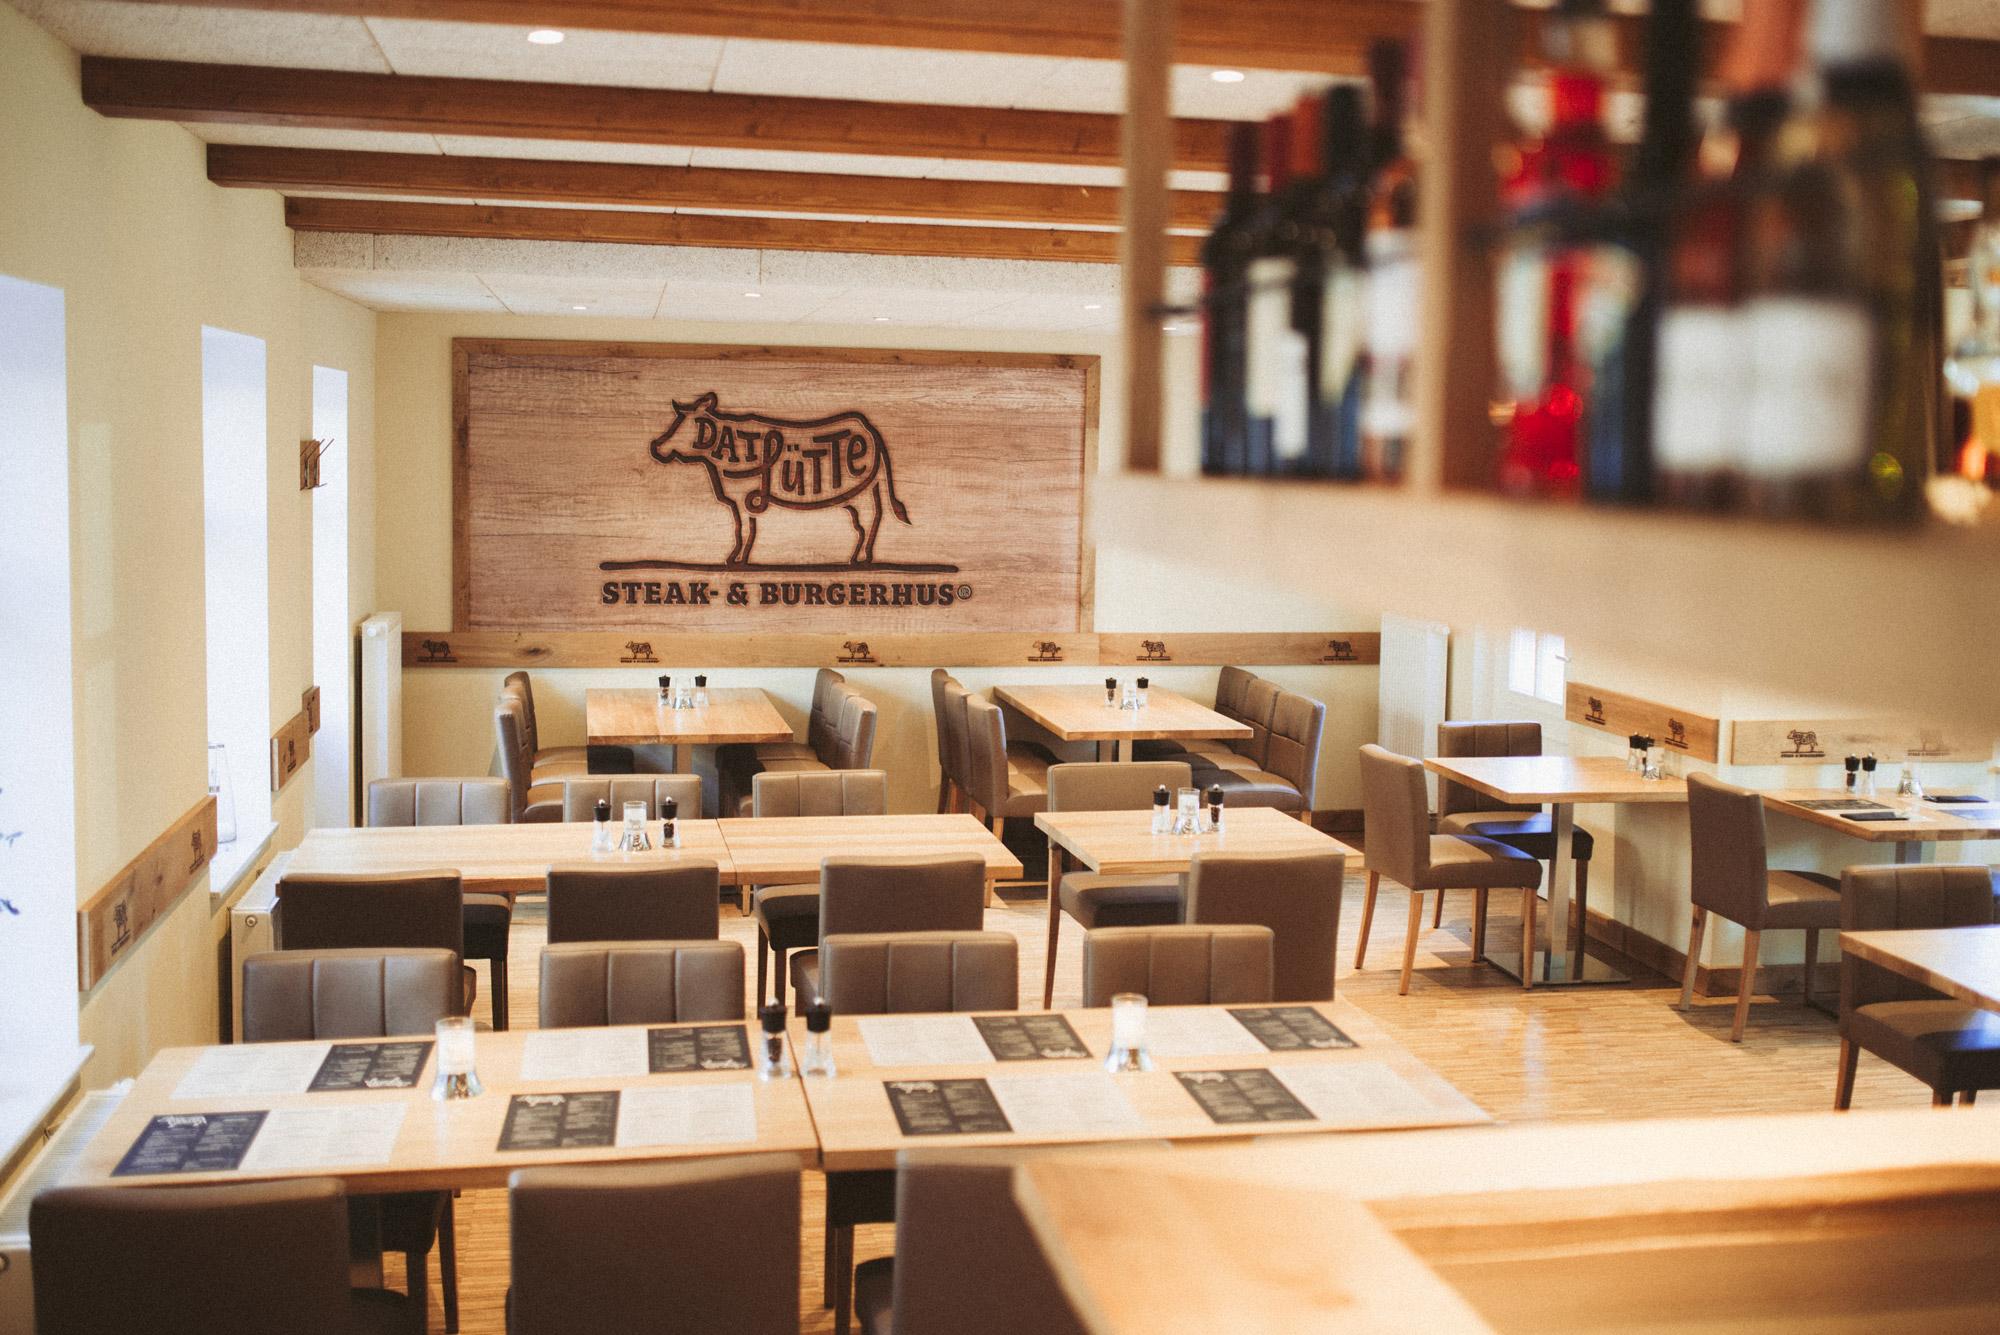 Dat Lütte – Steak- & Burgerhus, Ockholm